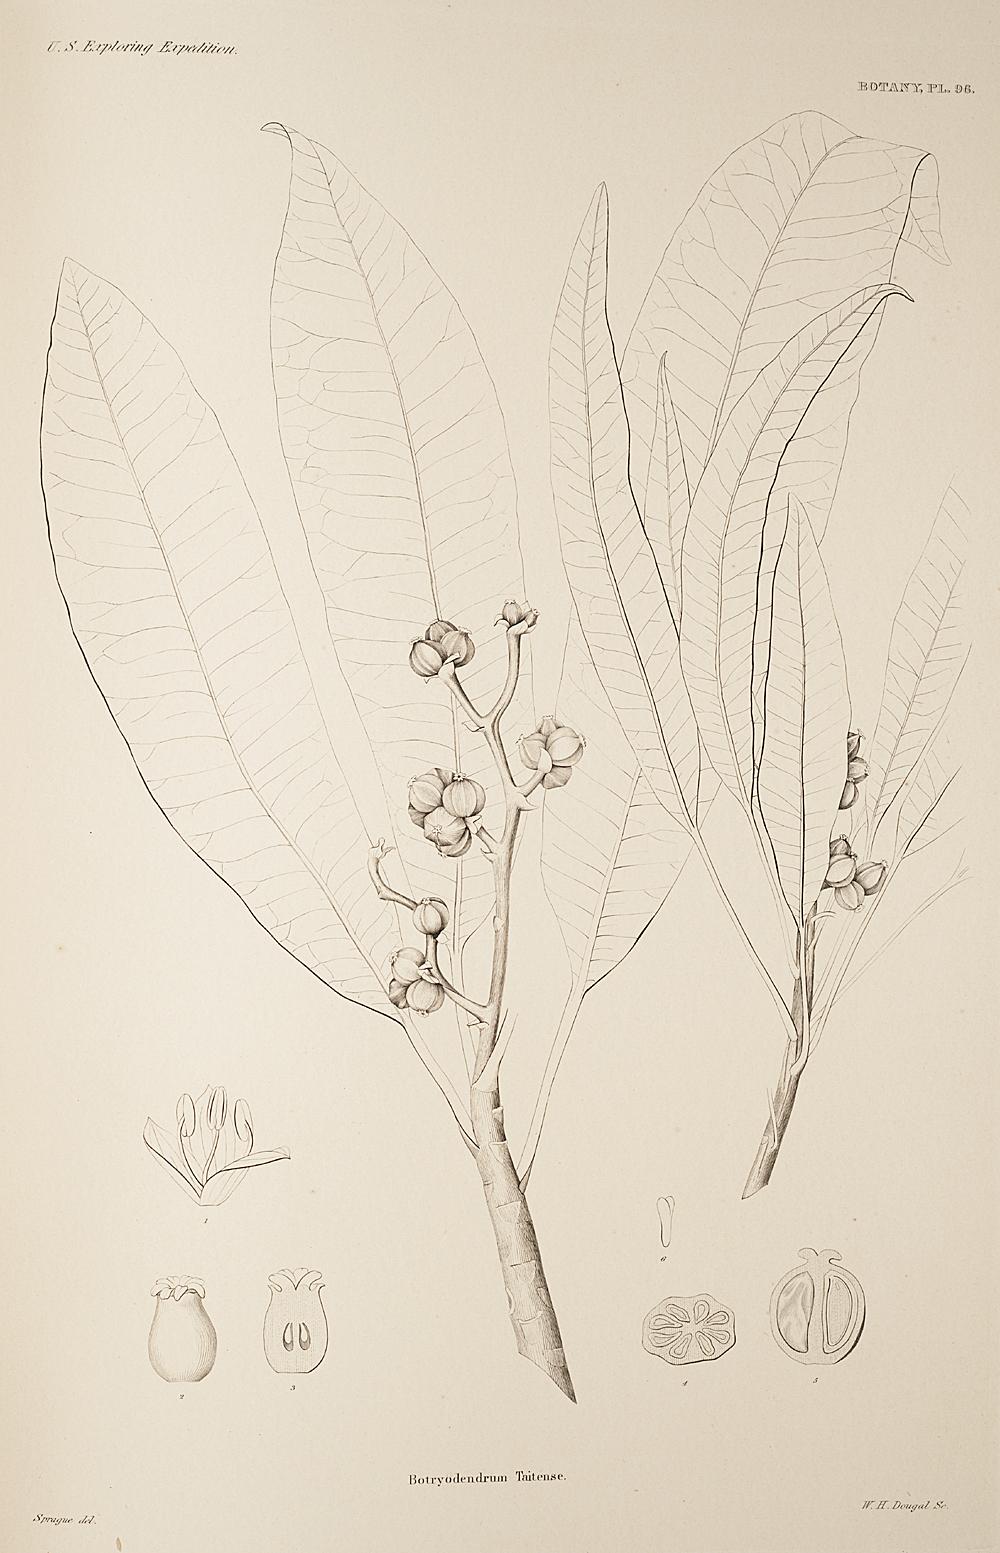 Botany, Pl. 96,  Image number:sil19-23-203b